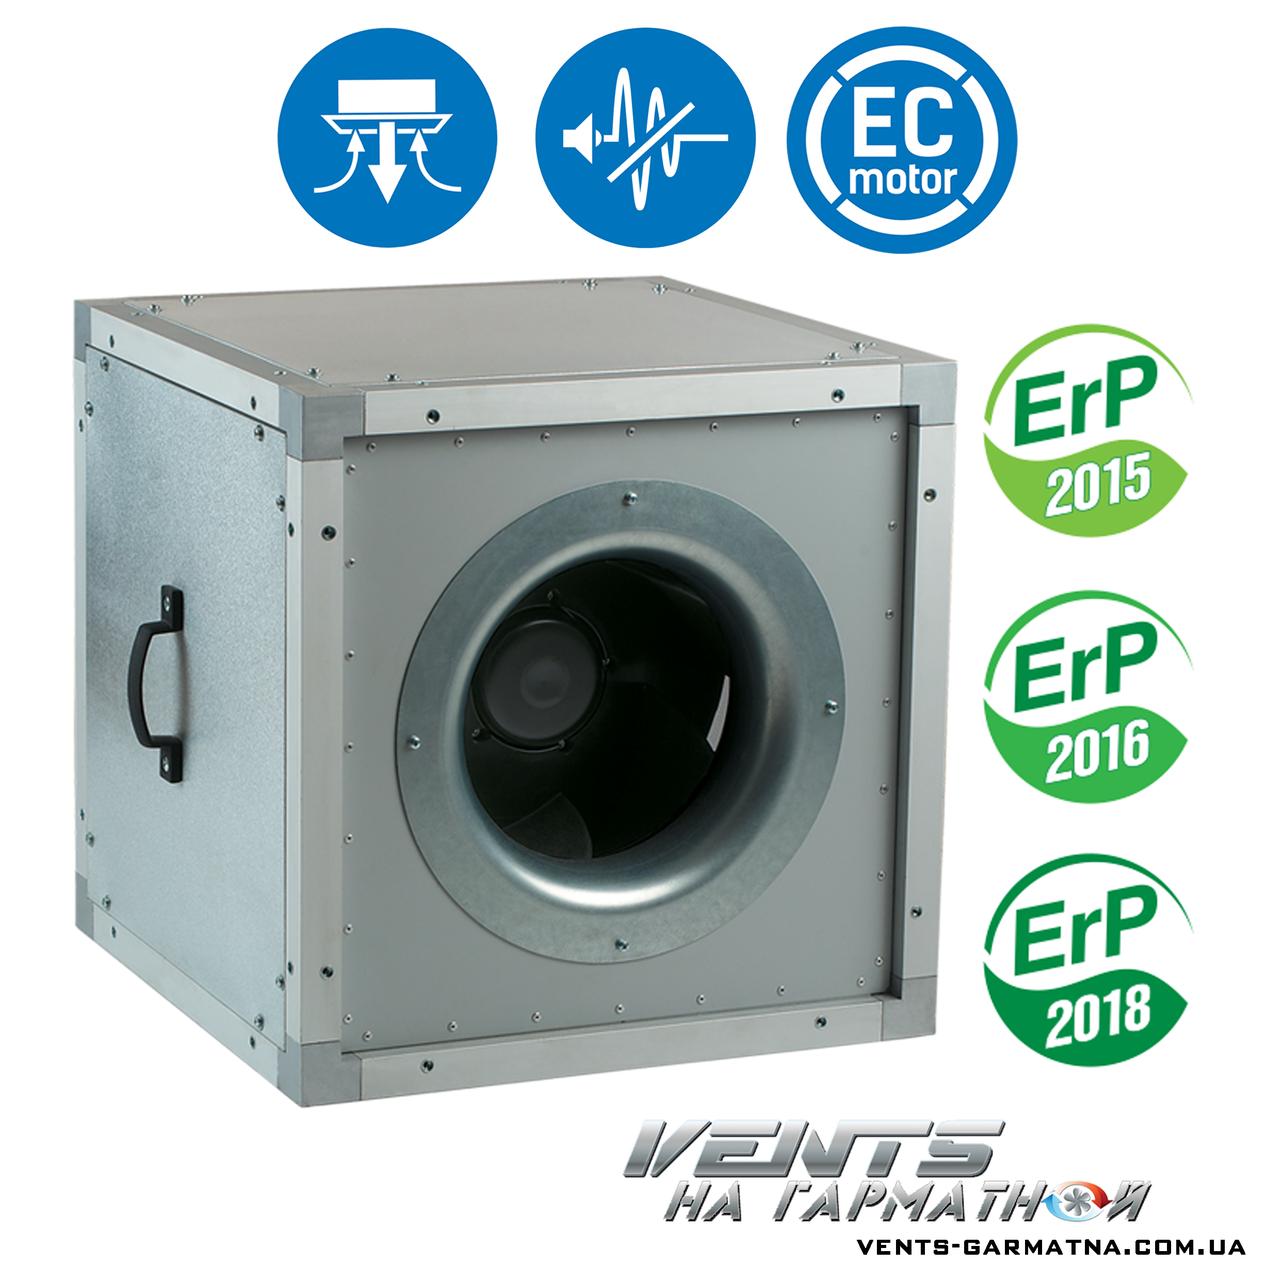 Вентс ВШ 500 ЕС. Шумоизолированный вентилятор с ЕС-мотором